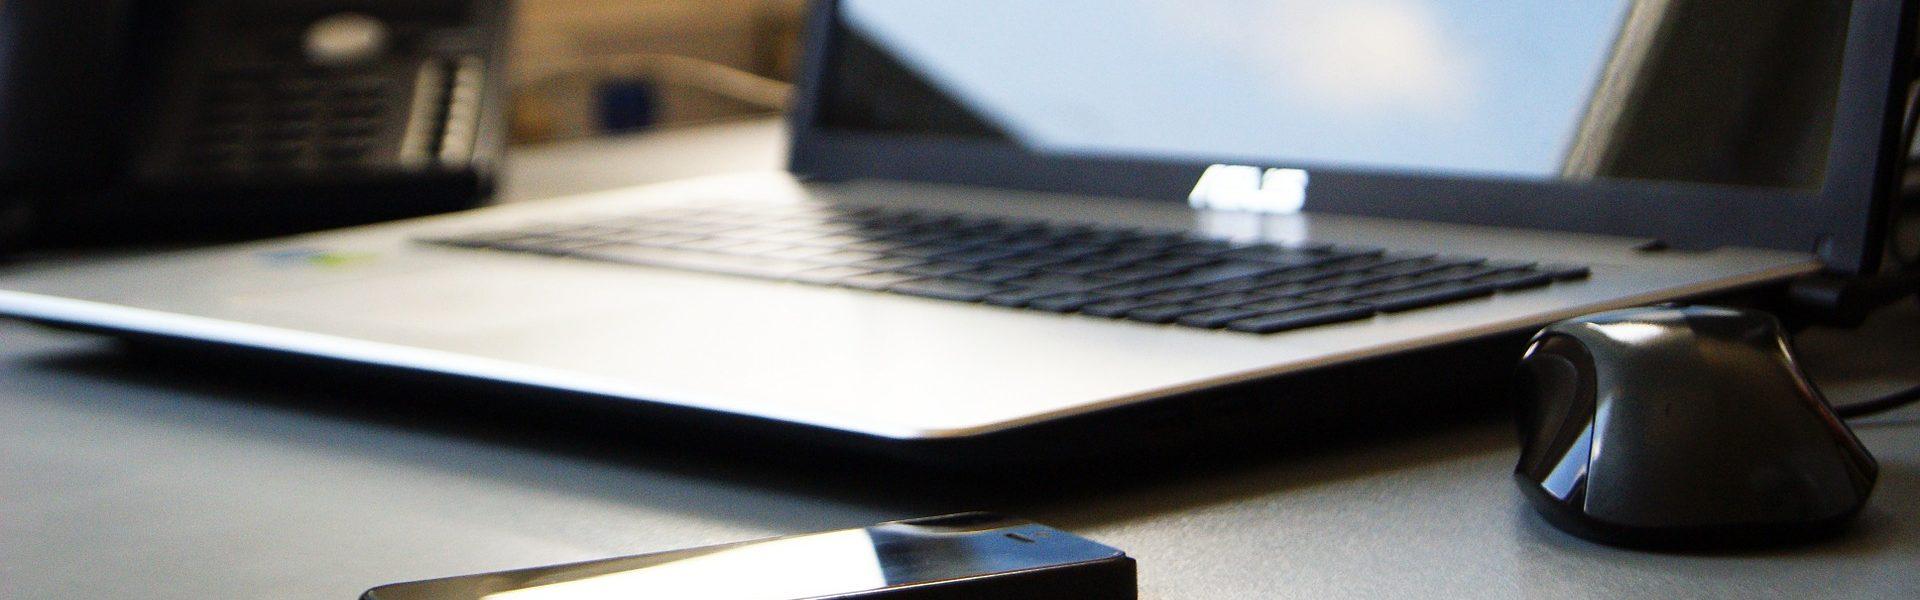 ordenador y móvil